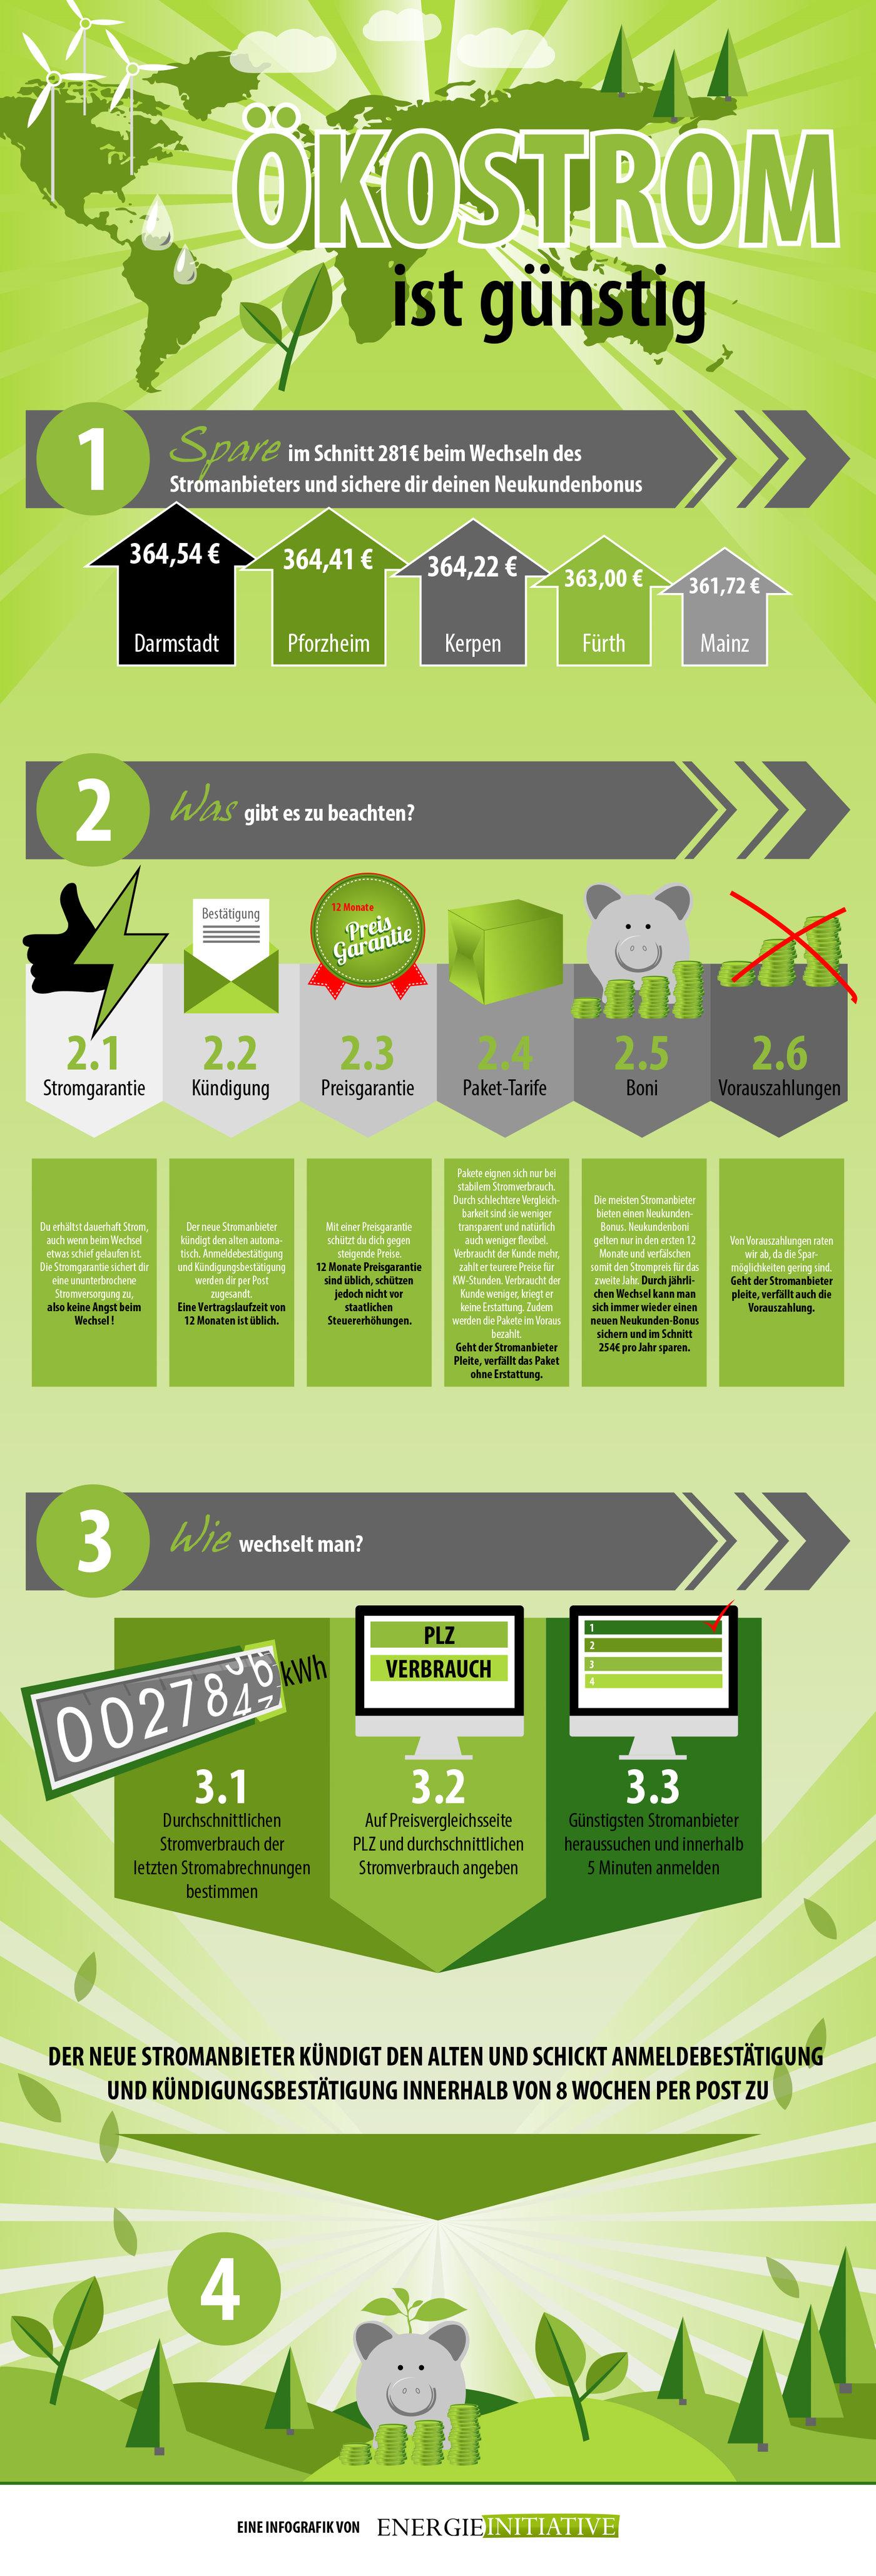 Infografik zum Ökostrom